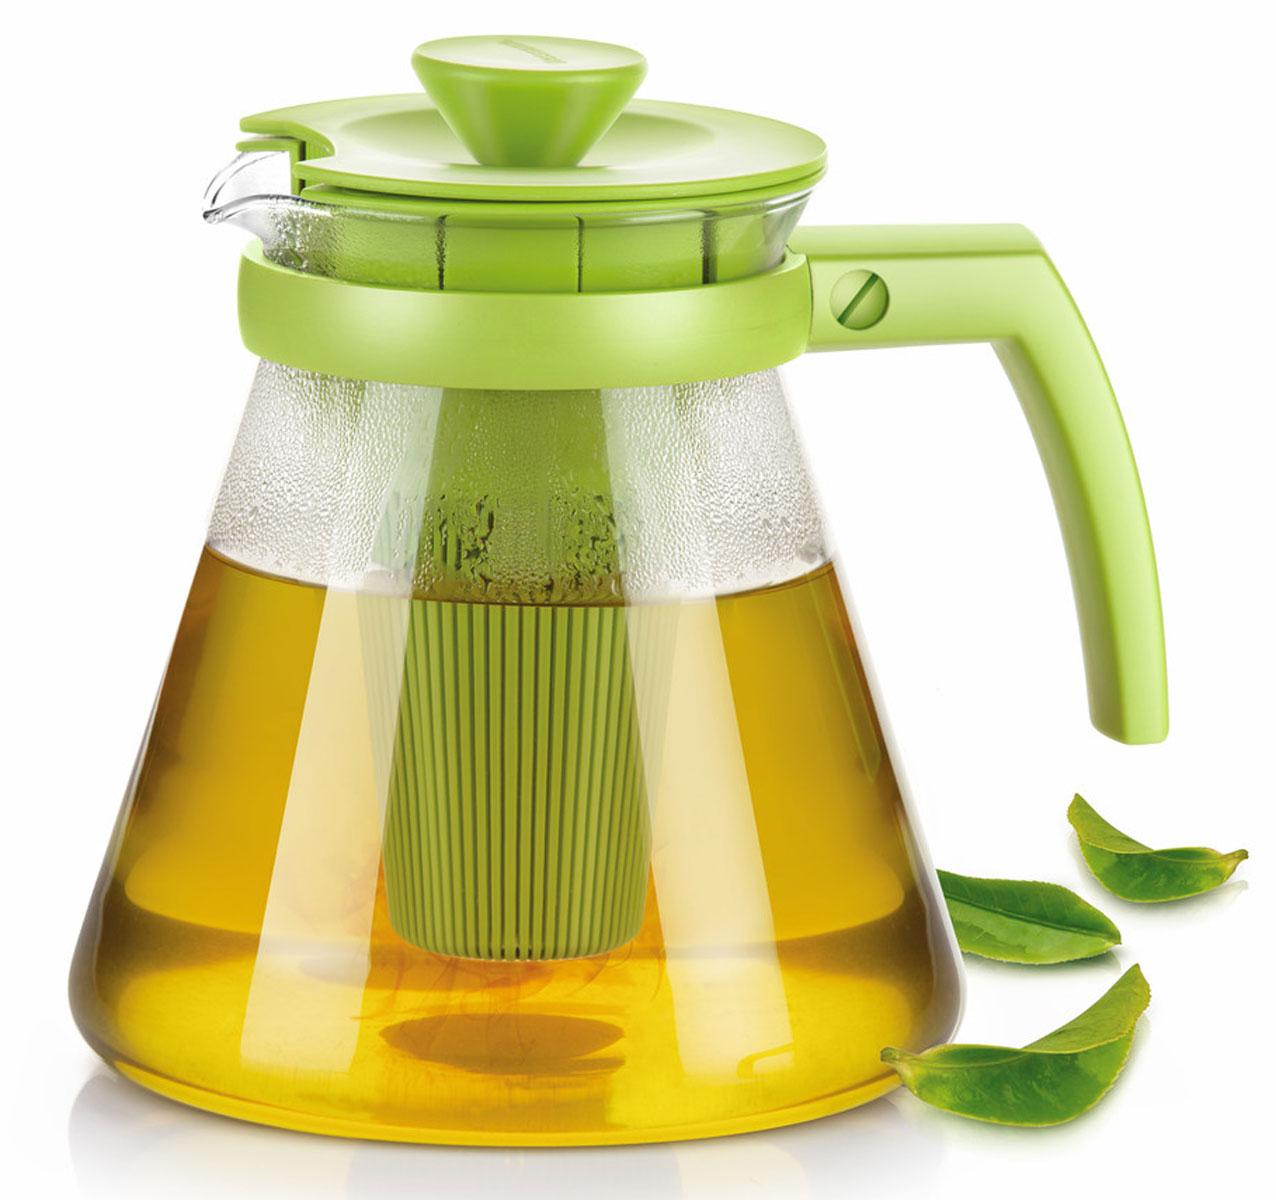 Чайник заварочный Tescoma Teo Tone, с ситечком, цвет: салатовый, прозрачный, 1,7 л391602Чайник заварочный Tescoma Teo Tone предназначен для подготовки и сервировки всех видов чая и чайных напитков. Чайник снабжен глубоким ситечком для заваривания свежей мяты, мелиссы, имбиря, сушеного шиповника, фруктов, а также очень густым ситечком для заваривания всех видов рассыпного чая. Корпус чайника изготовлен из термостойкого боросиликатного стекла, поэтому его можно ставить на плиту. Ручка, крышка и ситечко изготовлены из прочного пластика. Чайник подходит для газовых, электрических и стеклокерамических плит, микроволновой печи. Не рекомендуется мыть в посудомоечной машине. Инструкция по использованию внутри упаковки. Диаметр (по верхнему краю): 10 см. Диаметр основания: 16 см. Высота: 18 см.